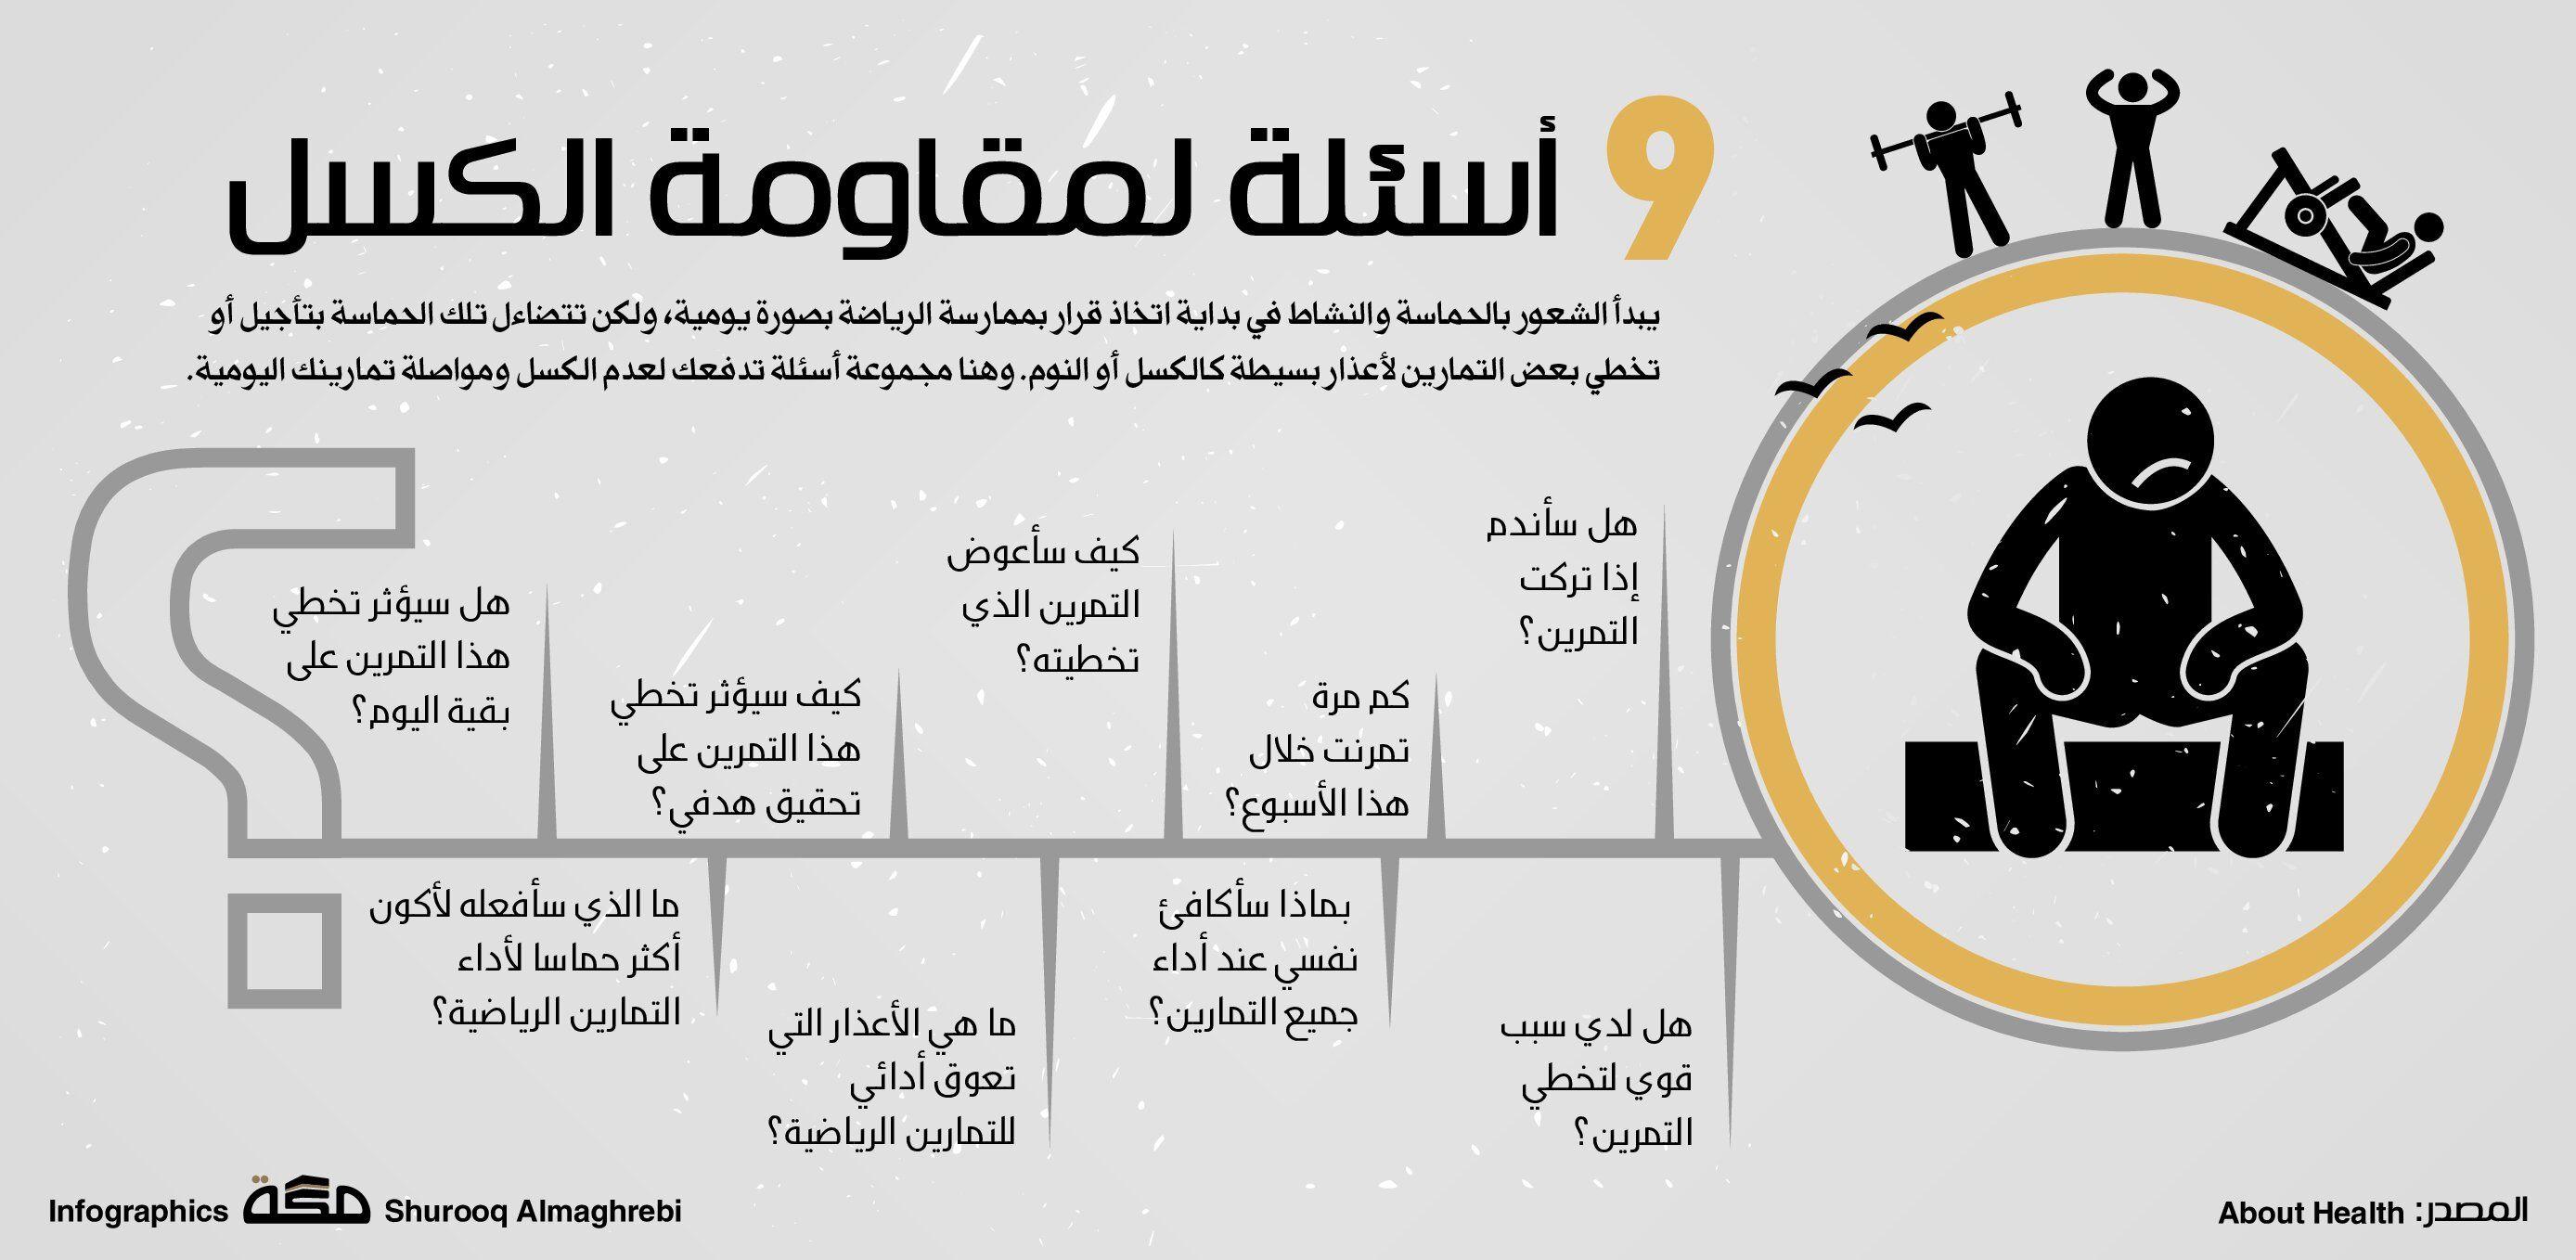 9 أسئلة لمقاومة الكسل صحيفة مكة انفوجرافيك تطويرالذات Infographic Travel Boarding Pass